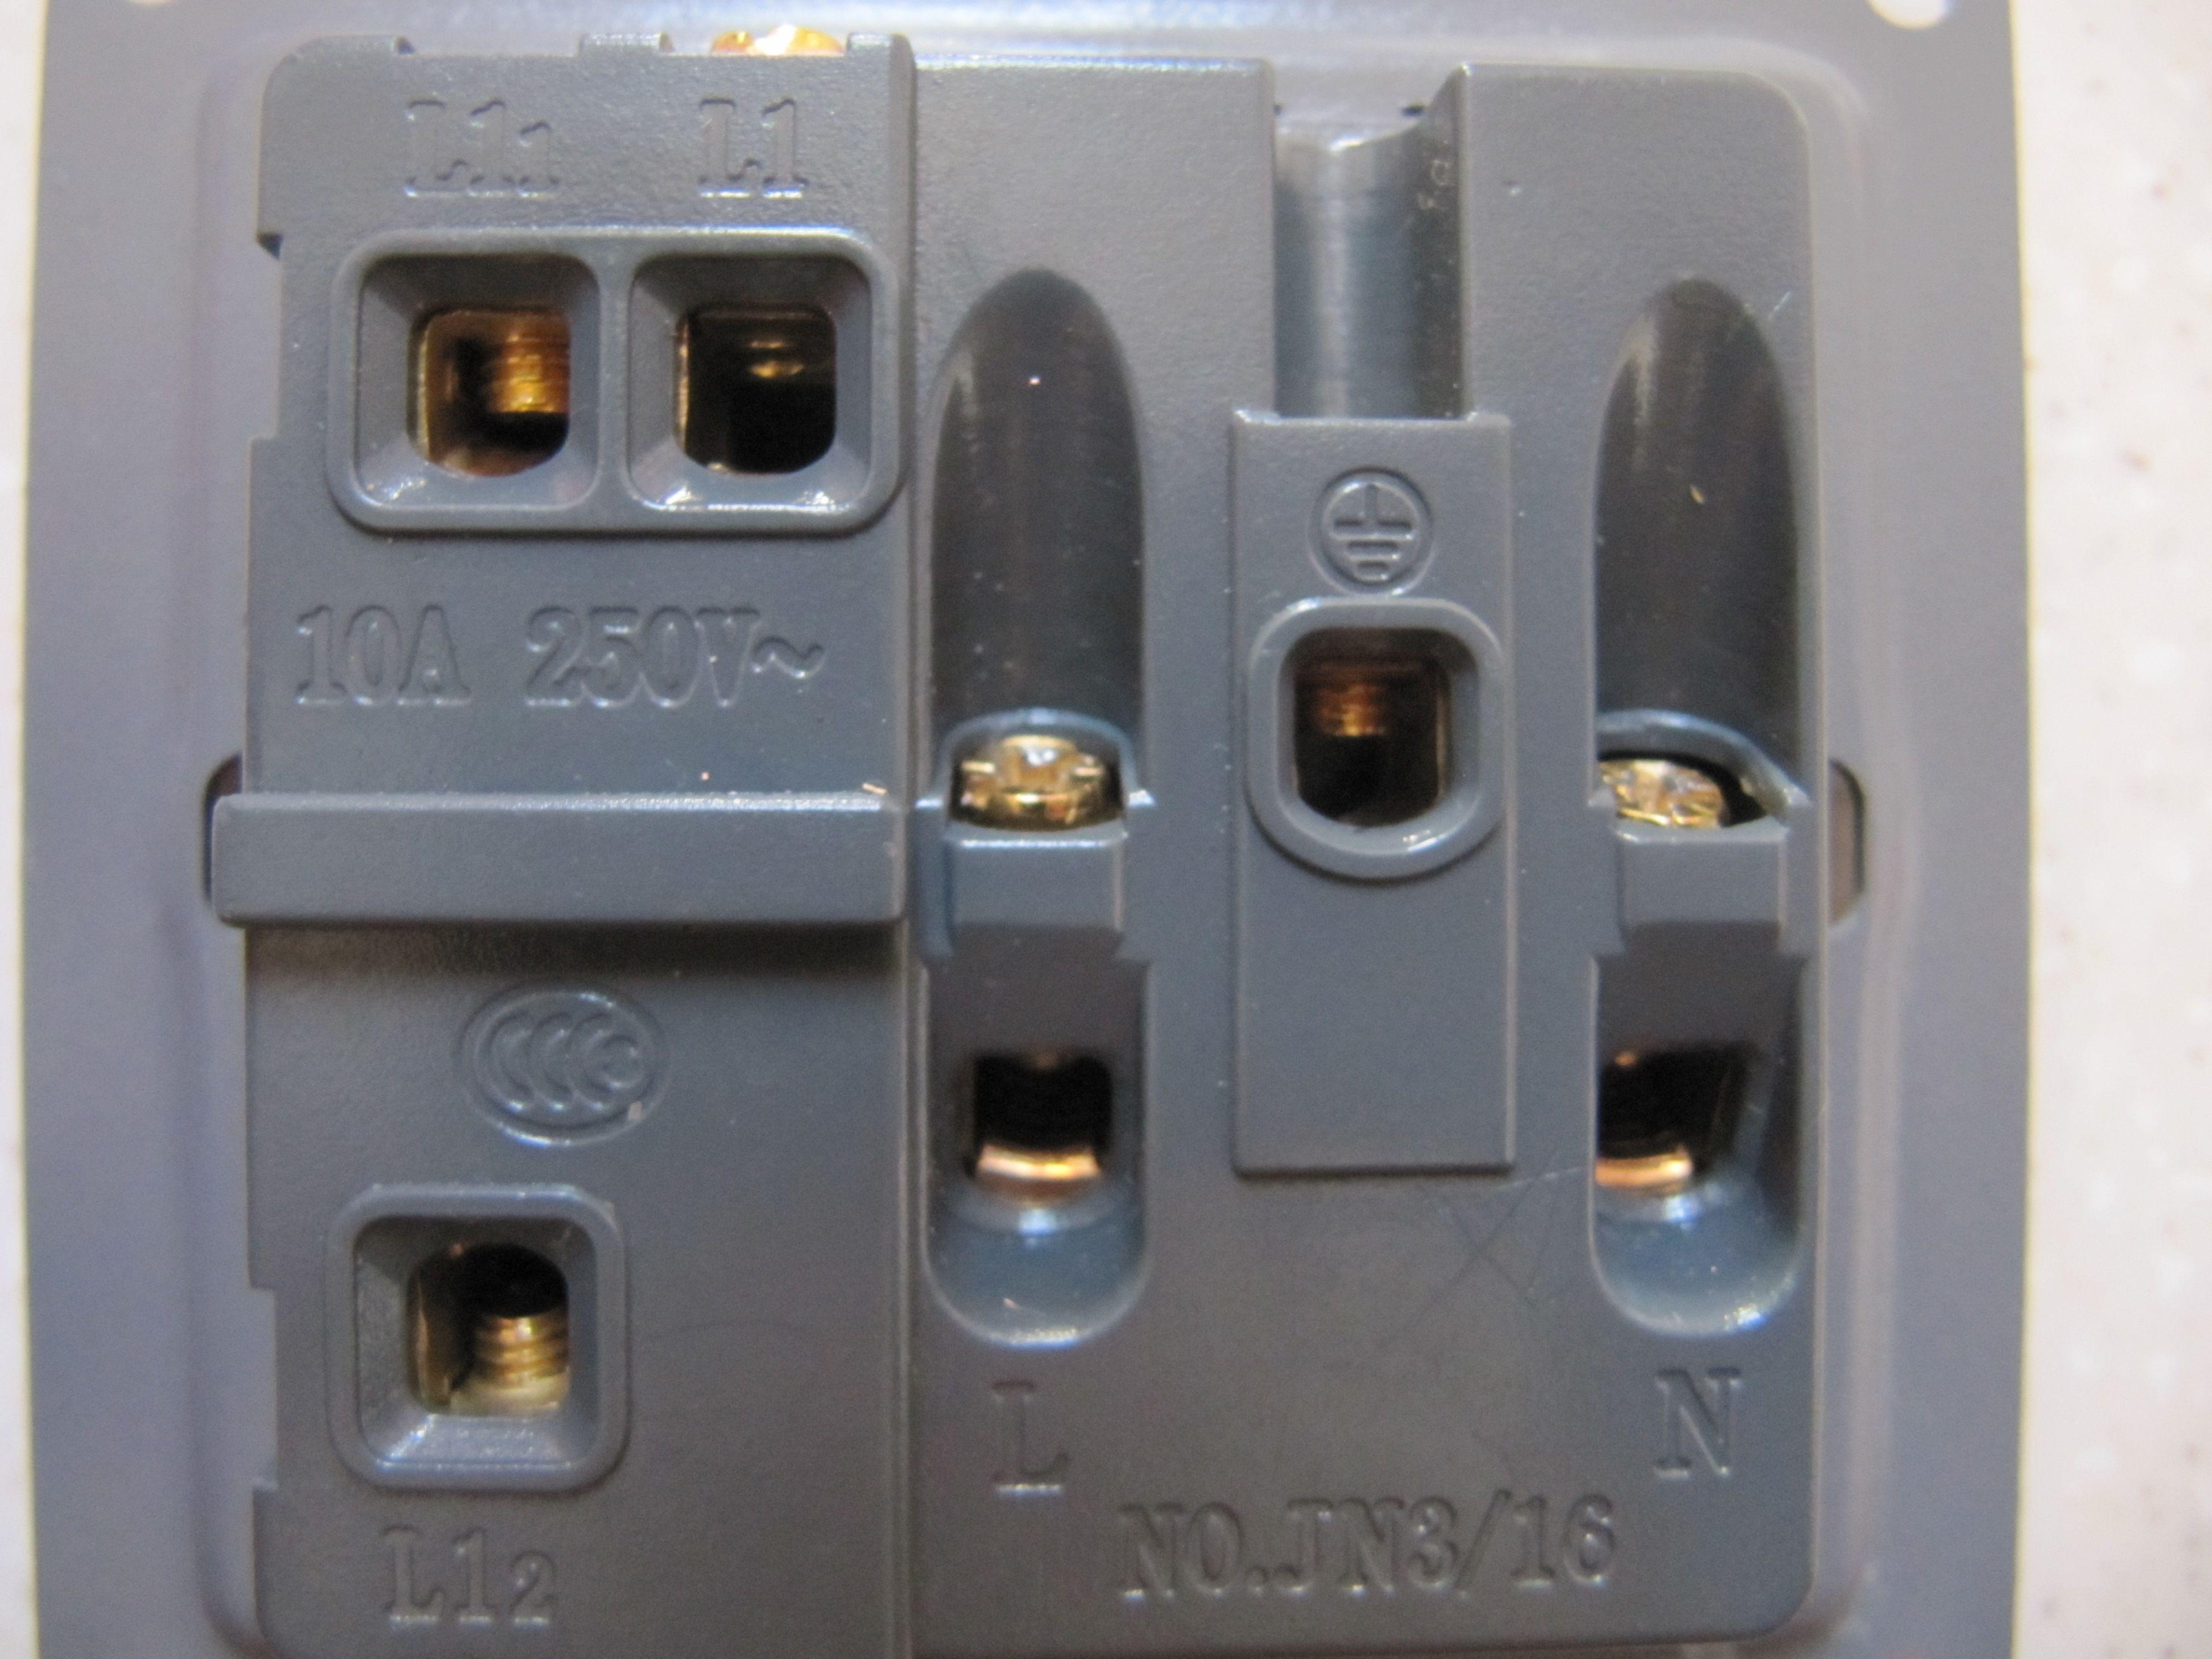 双控插座,一个开关控制灯另一个控制插座,怎样接线?图片